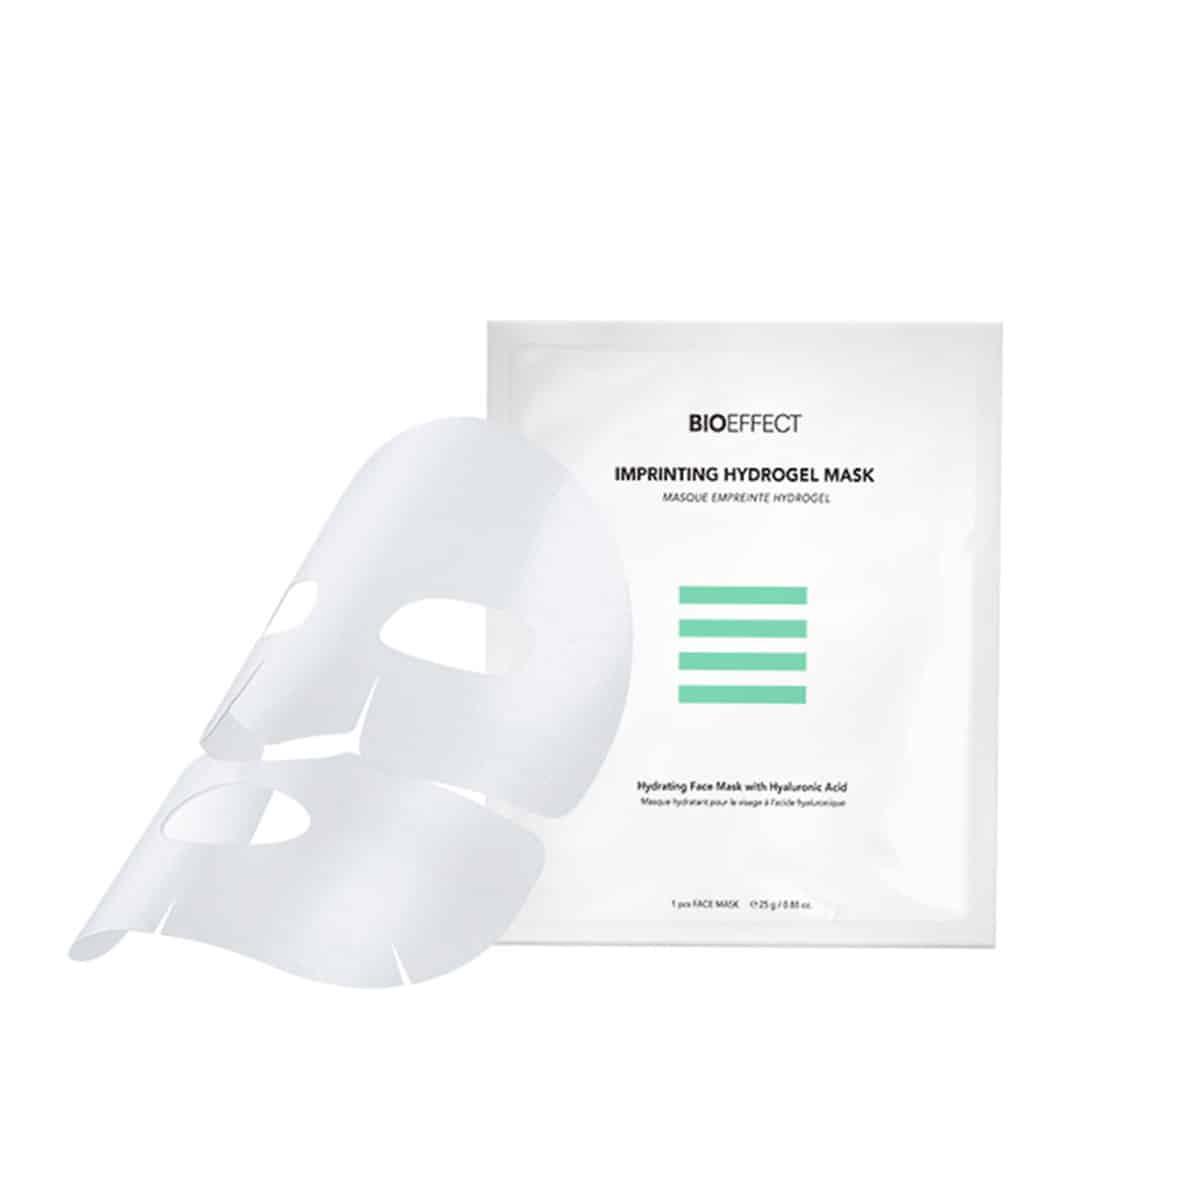 BIOEFFECT Imprinting Hydrogel Mask 6stk